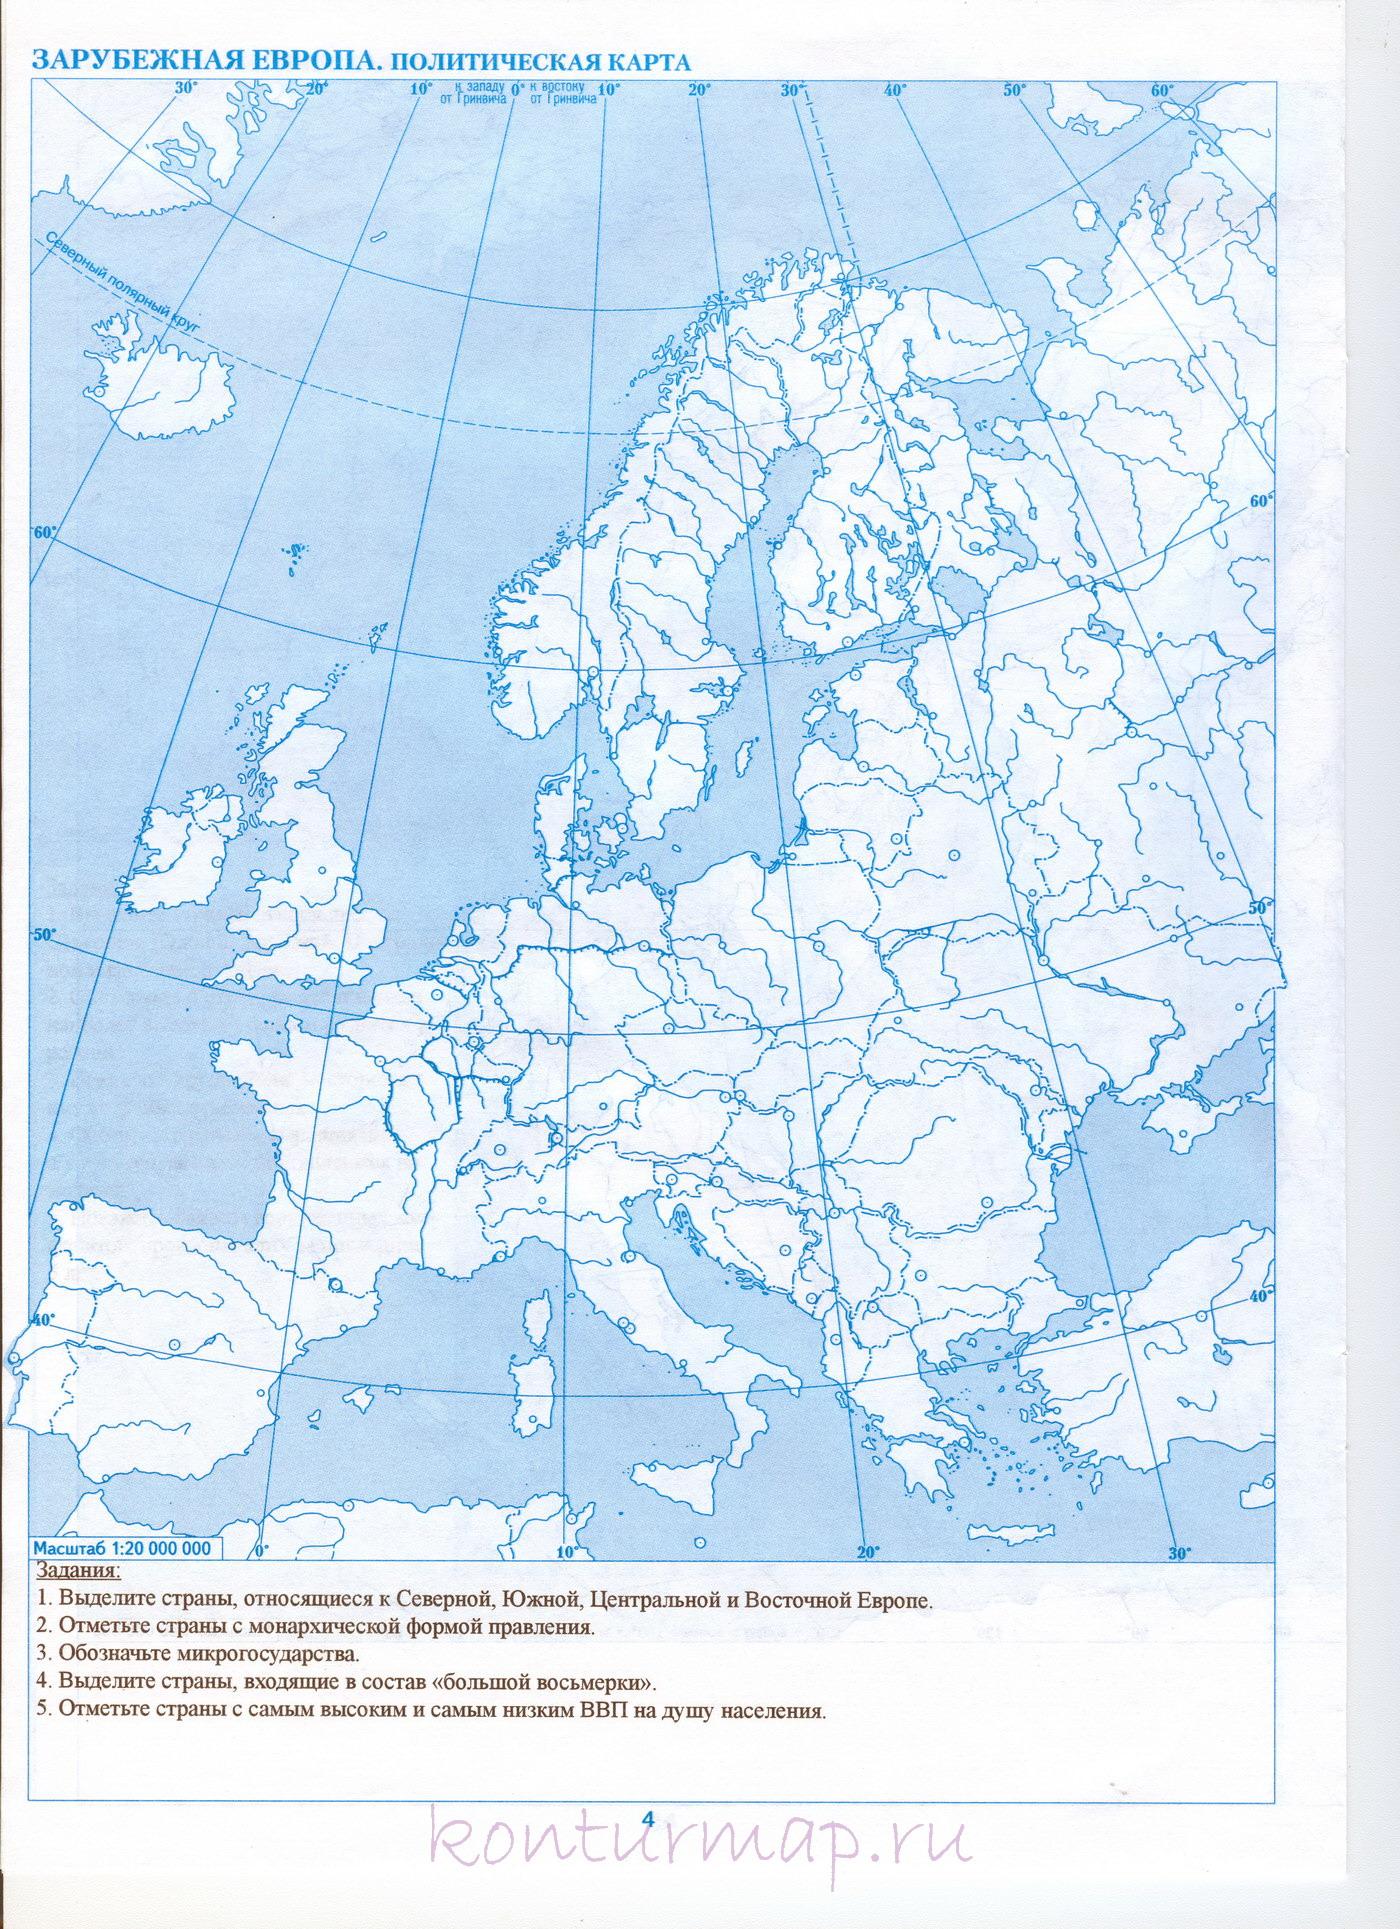 Контурные карты по географии 10 класс зарубежная европа картинки